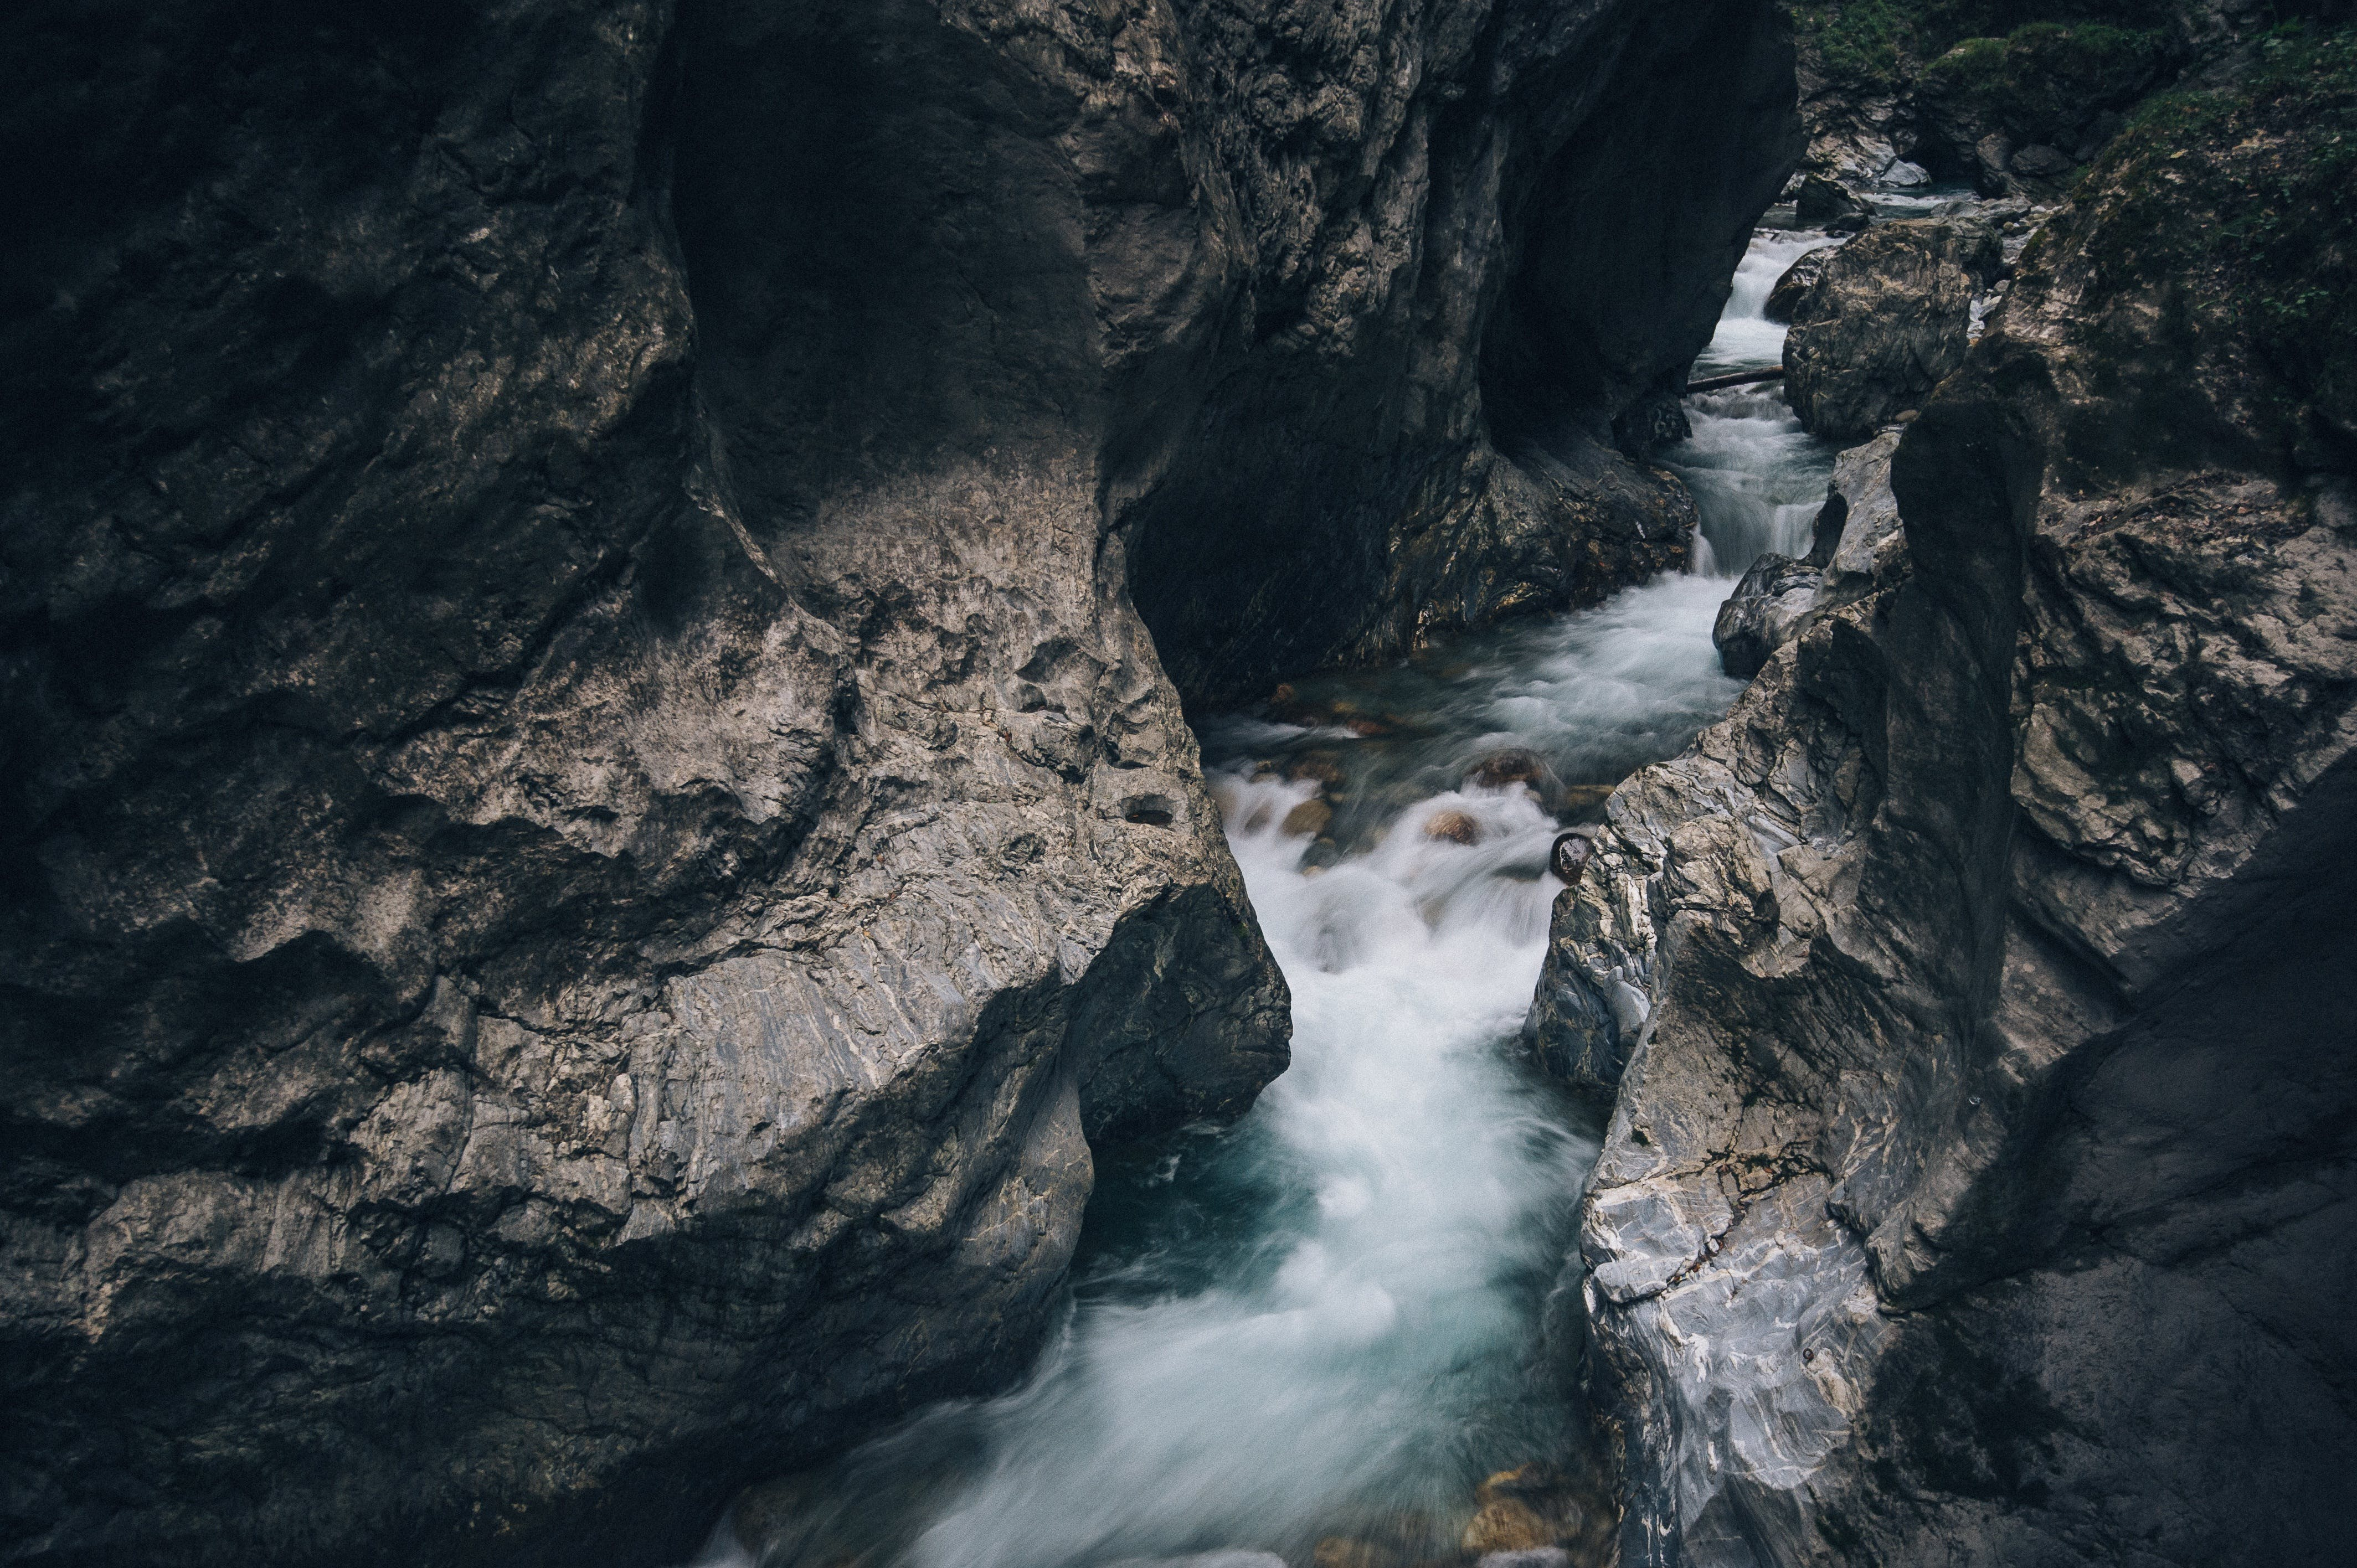 Kostnadsfri bild av bäck, grotta, kanjon, kaskad